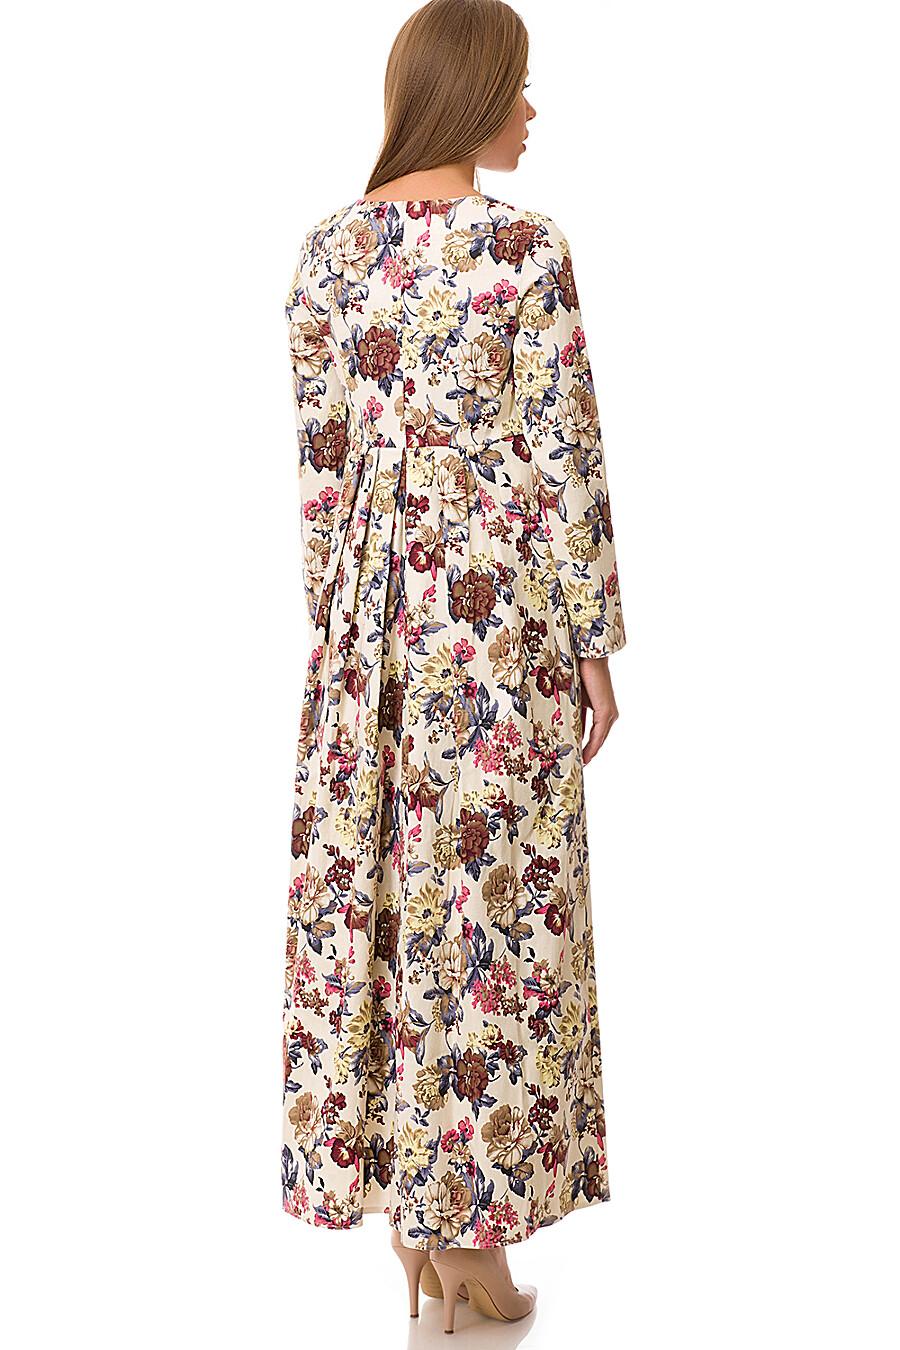 Платье #72274